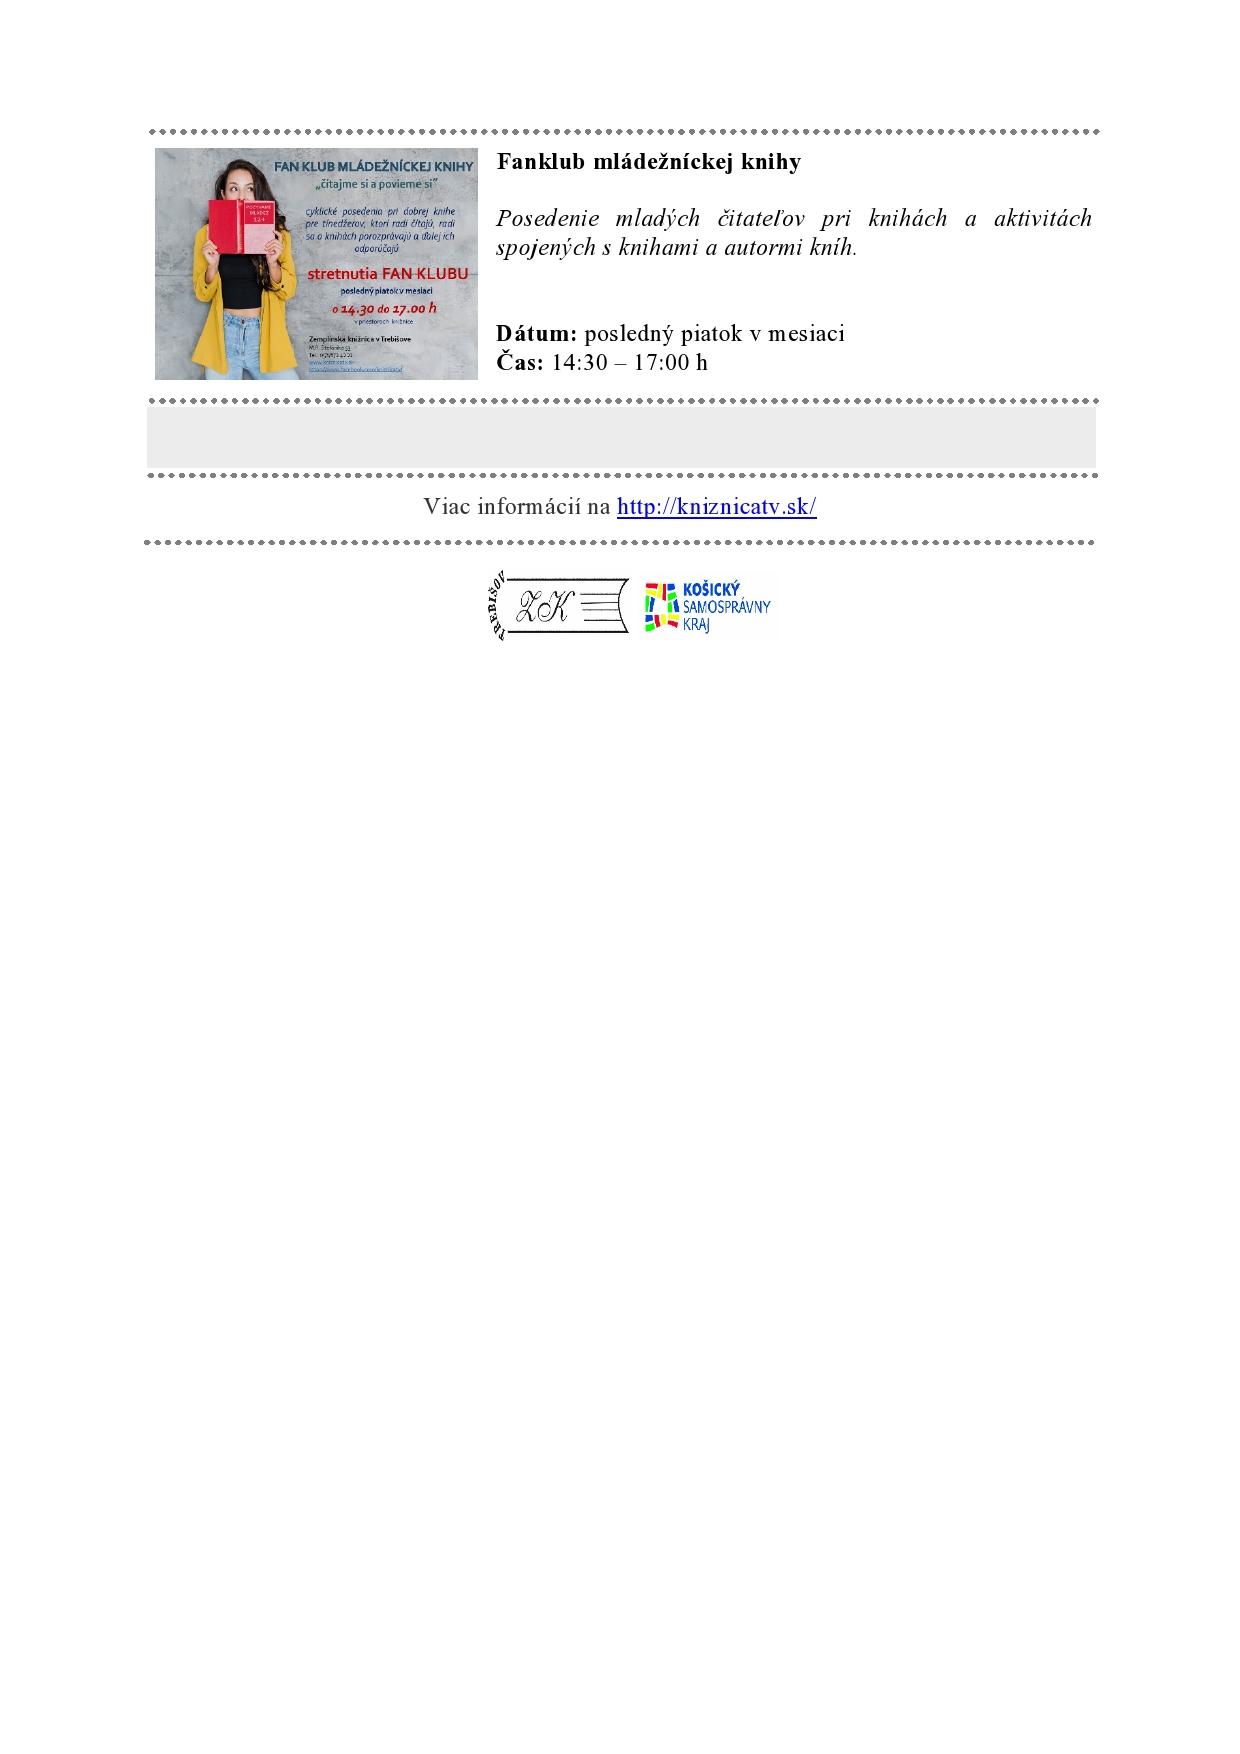 Plachta Február na stránku -page0005